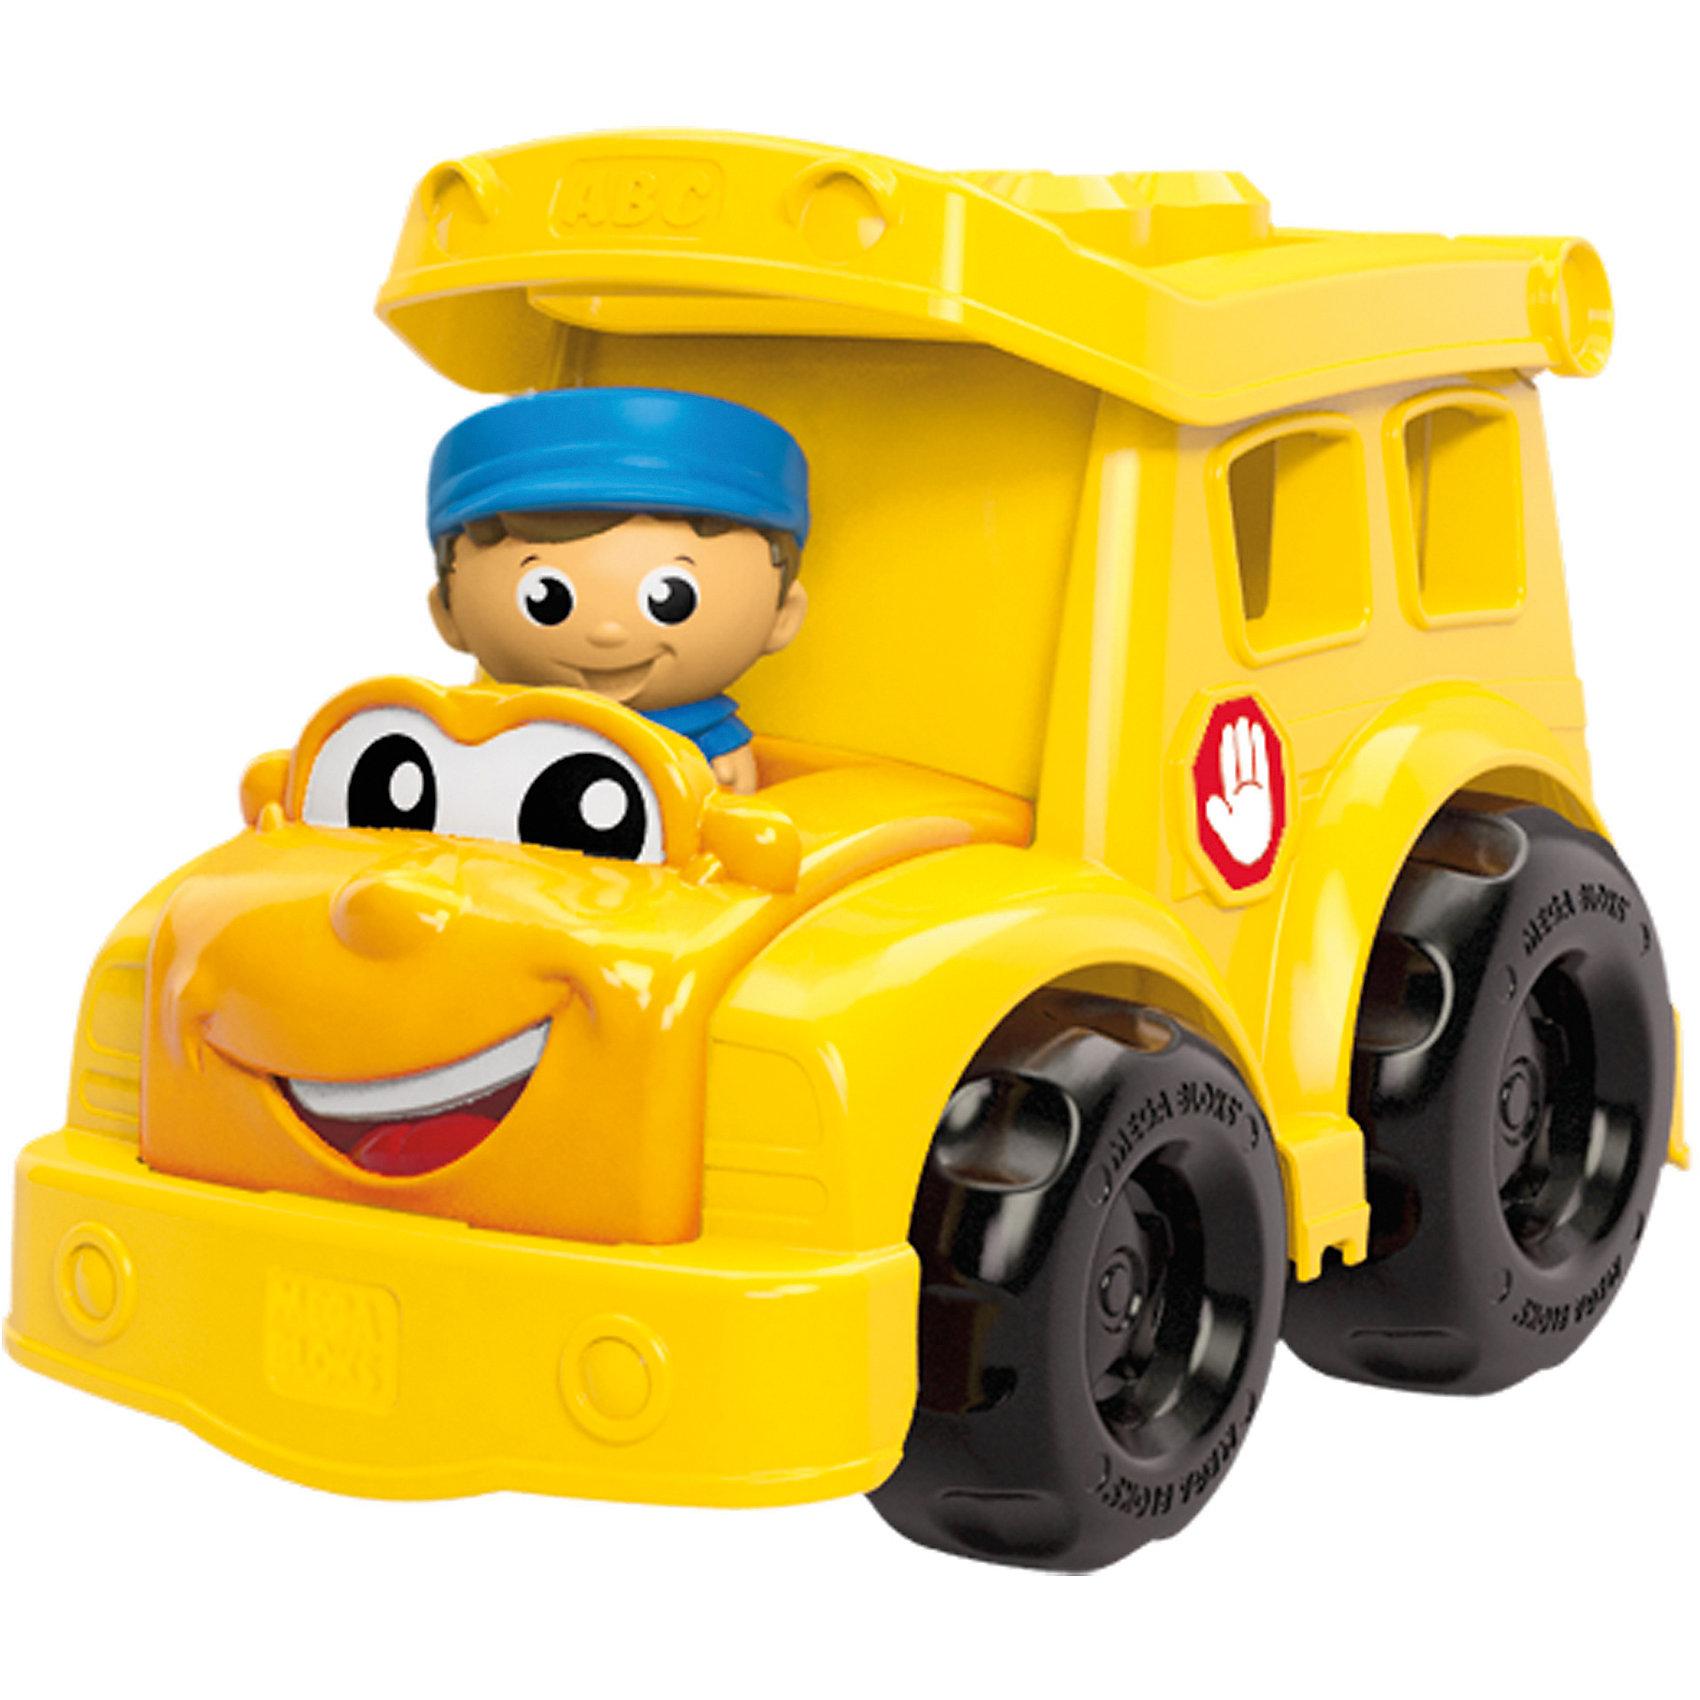 Машинка MEGA BLOKS First BuildersПластмассовые конструкторы<br>Машинка MEGA BLOKS First Builders - отличный подарок ребенку. Это красочная развивающая игрушка, которая обязательно понравится малышу. Она выполнена в виде яркой машинки с веселым лицом. Игрушка с крупными деталями идеально подходит для маленьких ручек малыша. В комплект помимо машинки входят 6 деталей-блоков First Builders, которые можно установить в верхней части автомобиля, и фигурка водителя. Набор совместим с другими наборами серии First Builders.<br><br><br>Такие игрушки помогают развить мелкую моторику, логическое мышление и воображение ребенка. Эта игрушка выполнена из высококачественного прочного пластика, безопасного для детей.<br>  <br>Дополнительная информация:<br><br>комплектация: комплекте: машинка, 6 деталей, фигурка водителя;<br>материал: пластик;<br>размер упаковки: 24,1 x 16,5 x 17,8 см;<br>вес: 530 г.<br><br>Машинку MEGA BLOKS First Builders от компании Mattel можно купить в нашем магазине.<br><br>Ширина мм: 180<br>Глубина мм: 240<br>Высота мм: 165<br>Вес г: 540<br>Возраст от месяцев: 12<br>Возраст до месяцев: 72<br>Пол: Унисекс<br>Возраст: Детский<br>SKU: 4791126